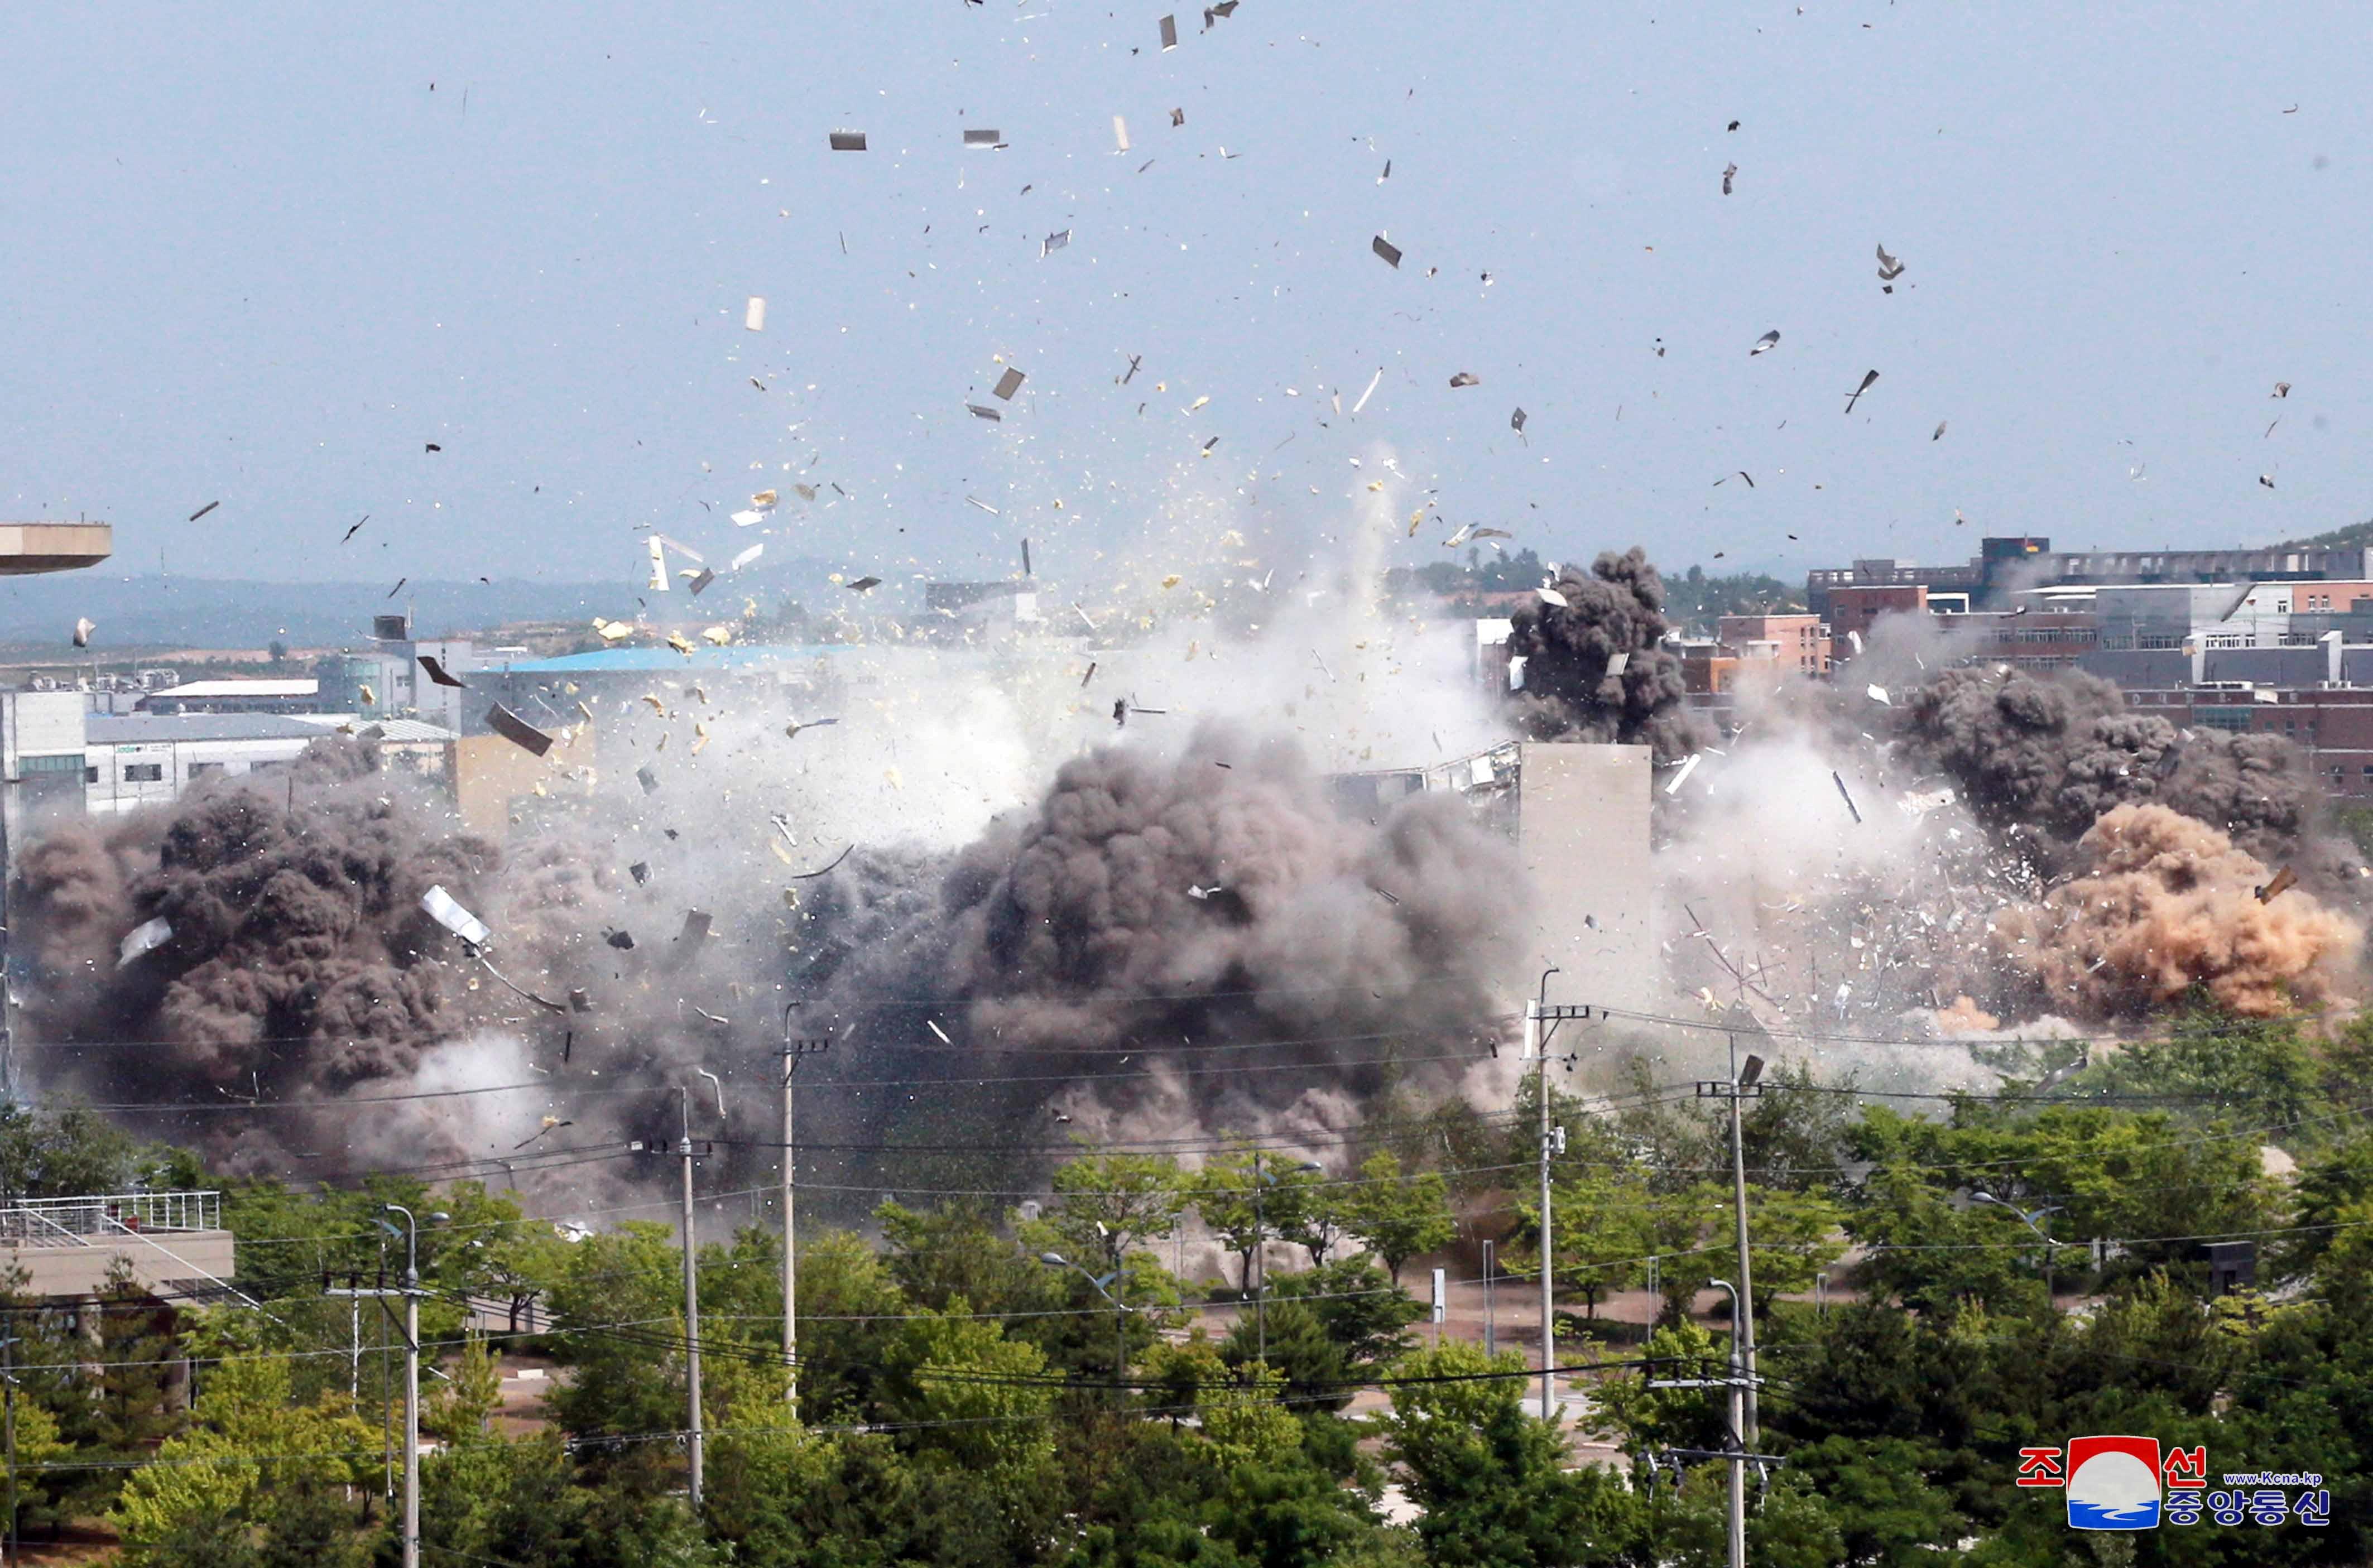 16 m. Birželio 2020 d. Šiaurės Korėjos centrinės naujienų agentūros (KCNA) pateiktame paveikslėlyje matyti jungtinės ryšių biuro su Pietų Korėja sprogimas pasienio mieste Kesonge, Šiaurės Korėjoje. KCNA per REUTERS